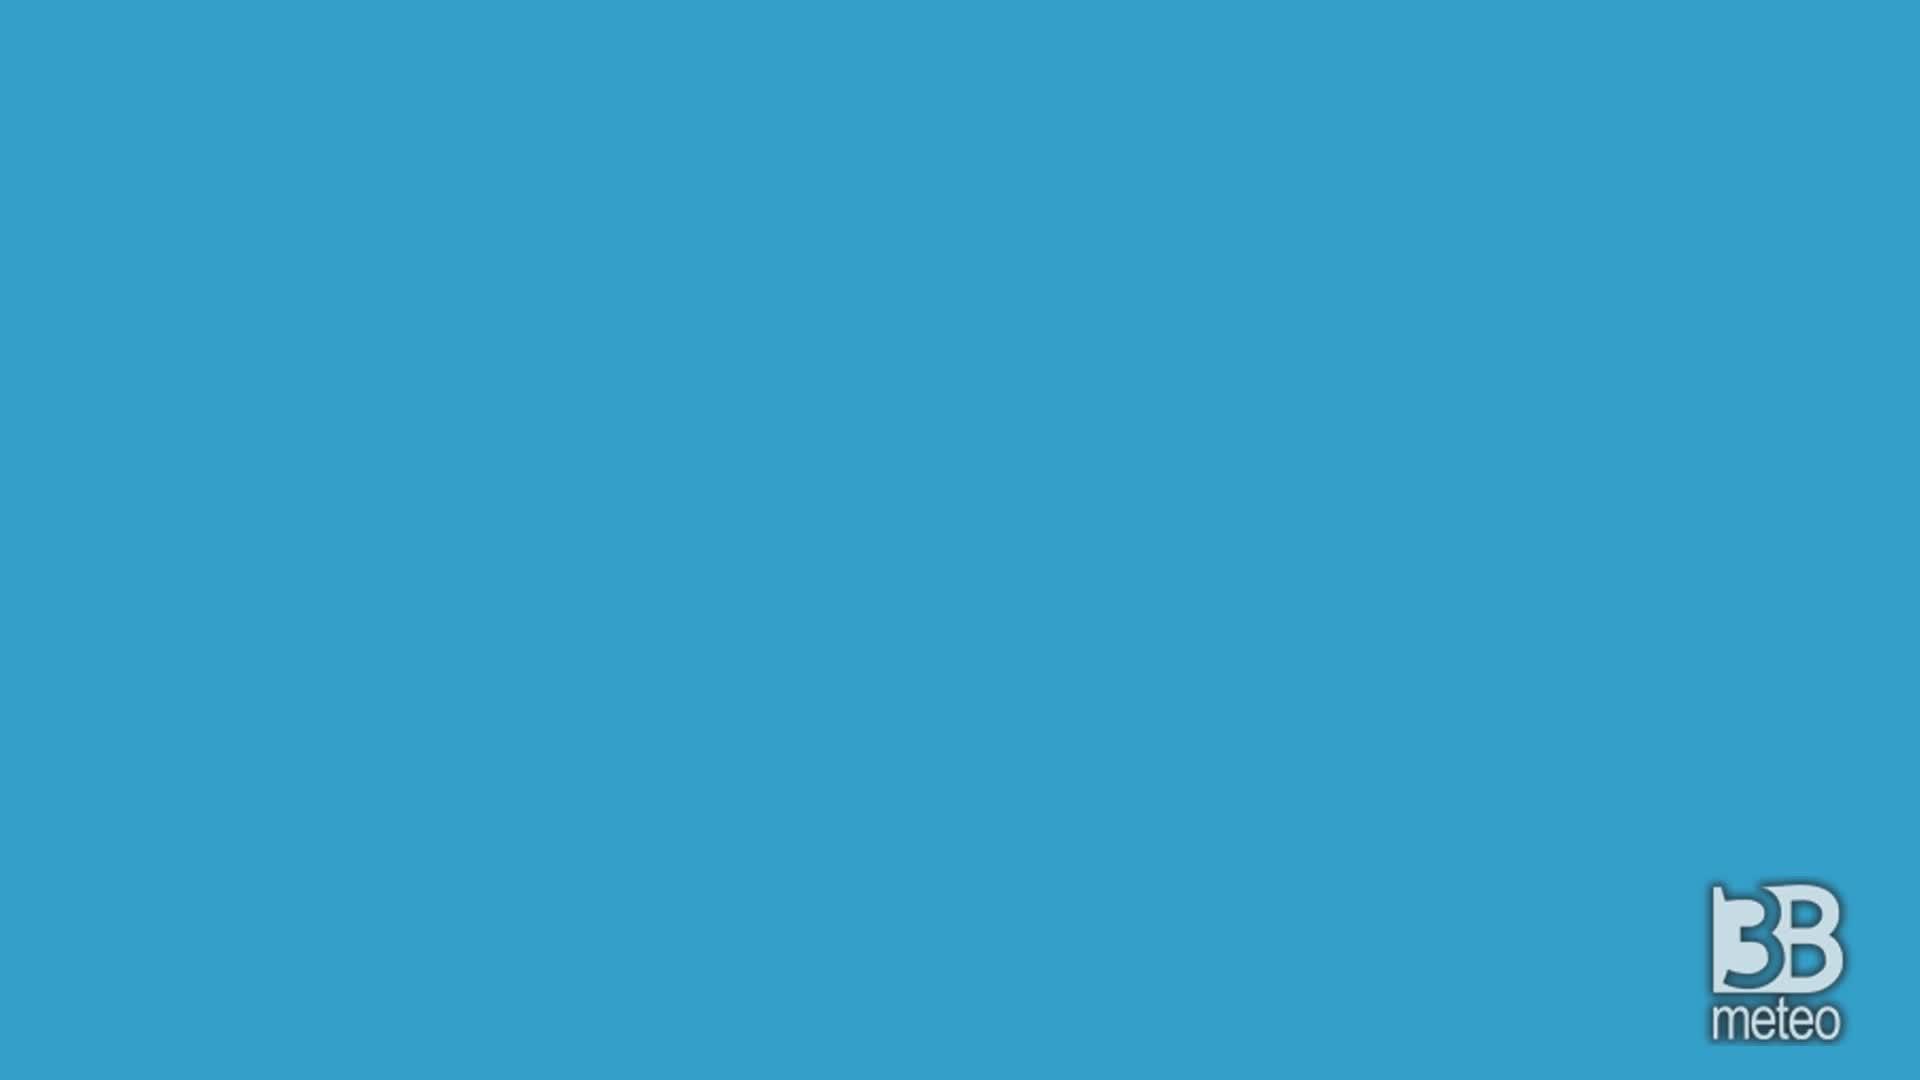 Cronaca meteo VIDEO. Piena del fiume sarca ponte arche